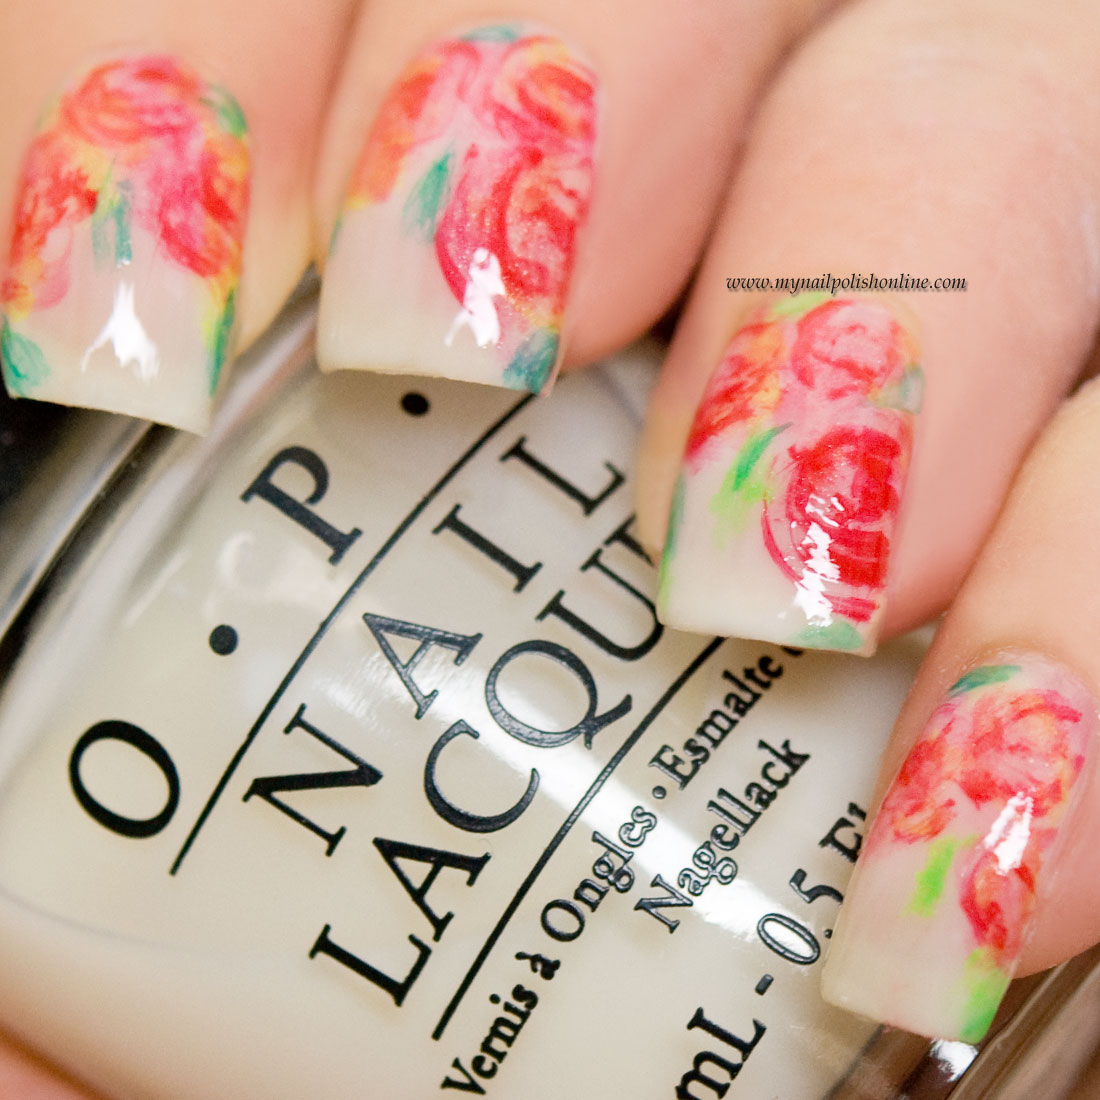 Nail Art - Roses on sheer white - My Nail Polish Online